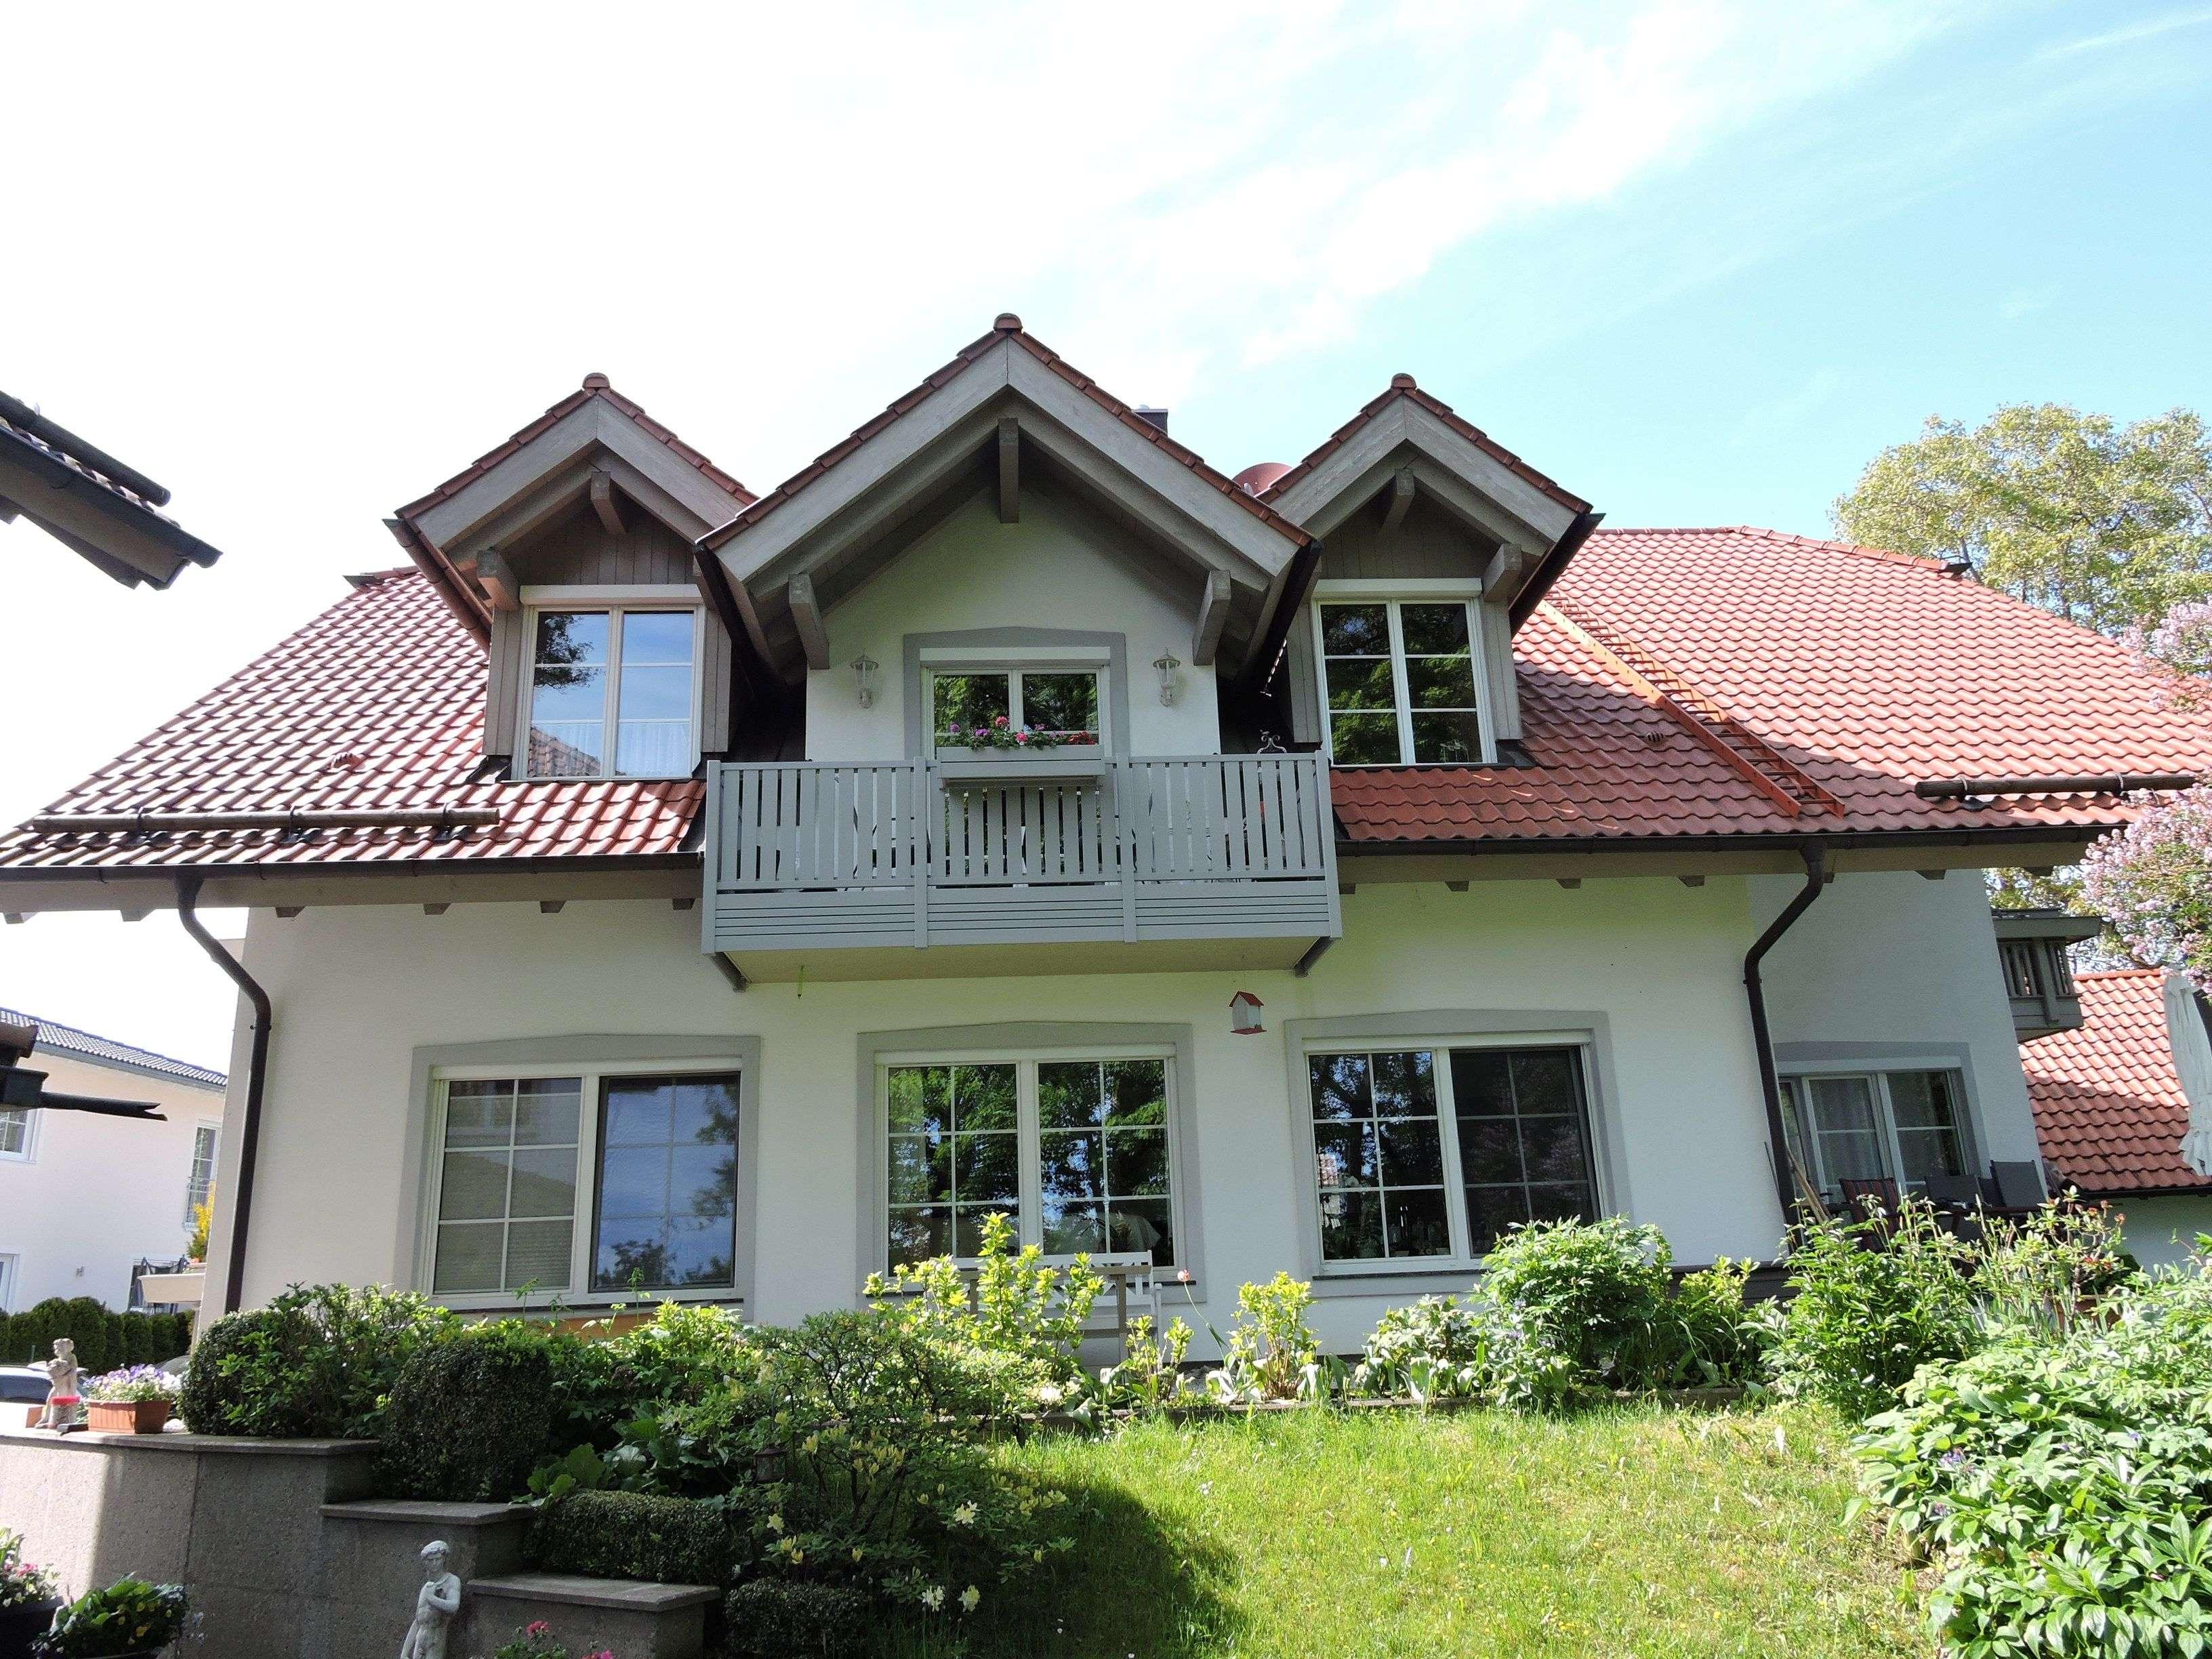 Tolle Maisonette-Wohnung im Künstlerdorf Utting-Holzhausen nur für Nichtraucher in